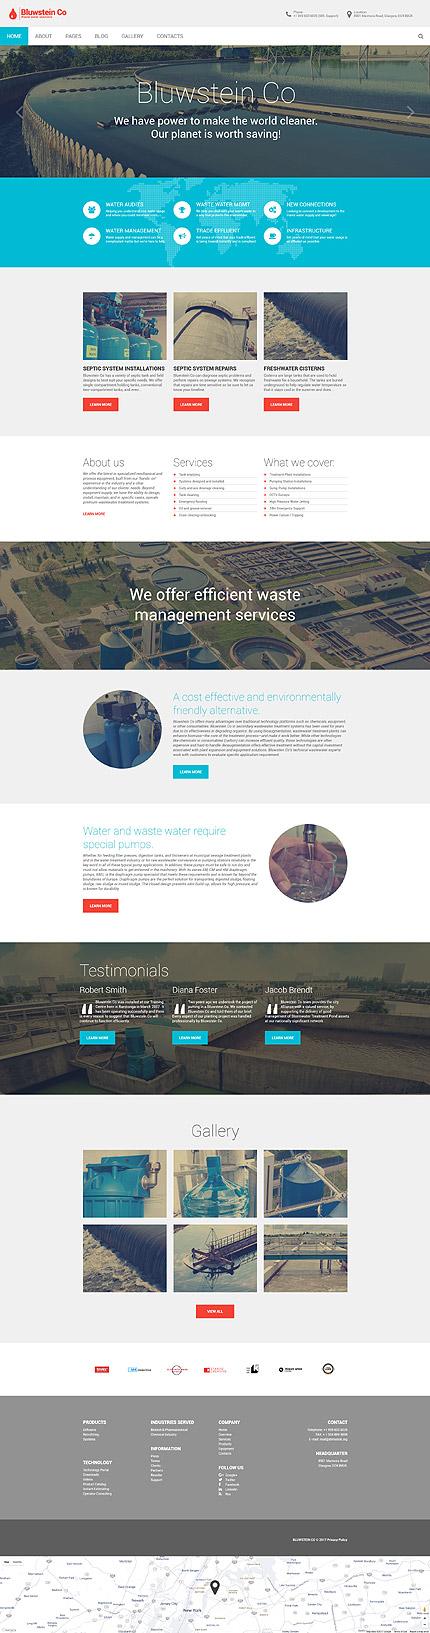 TM 63595: Просмотр главной страницы Joomla